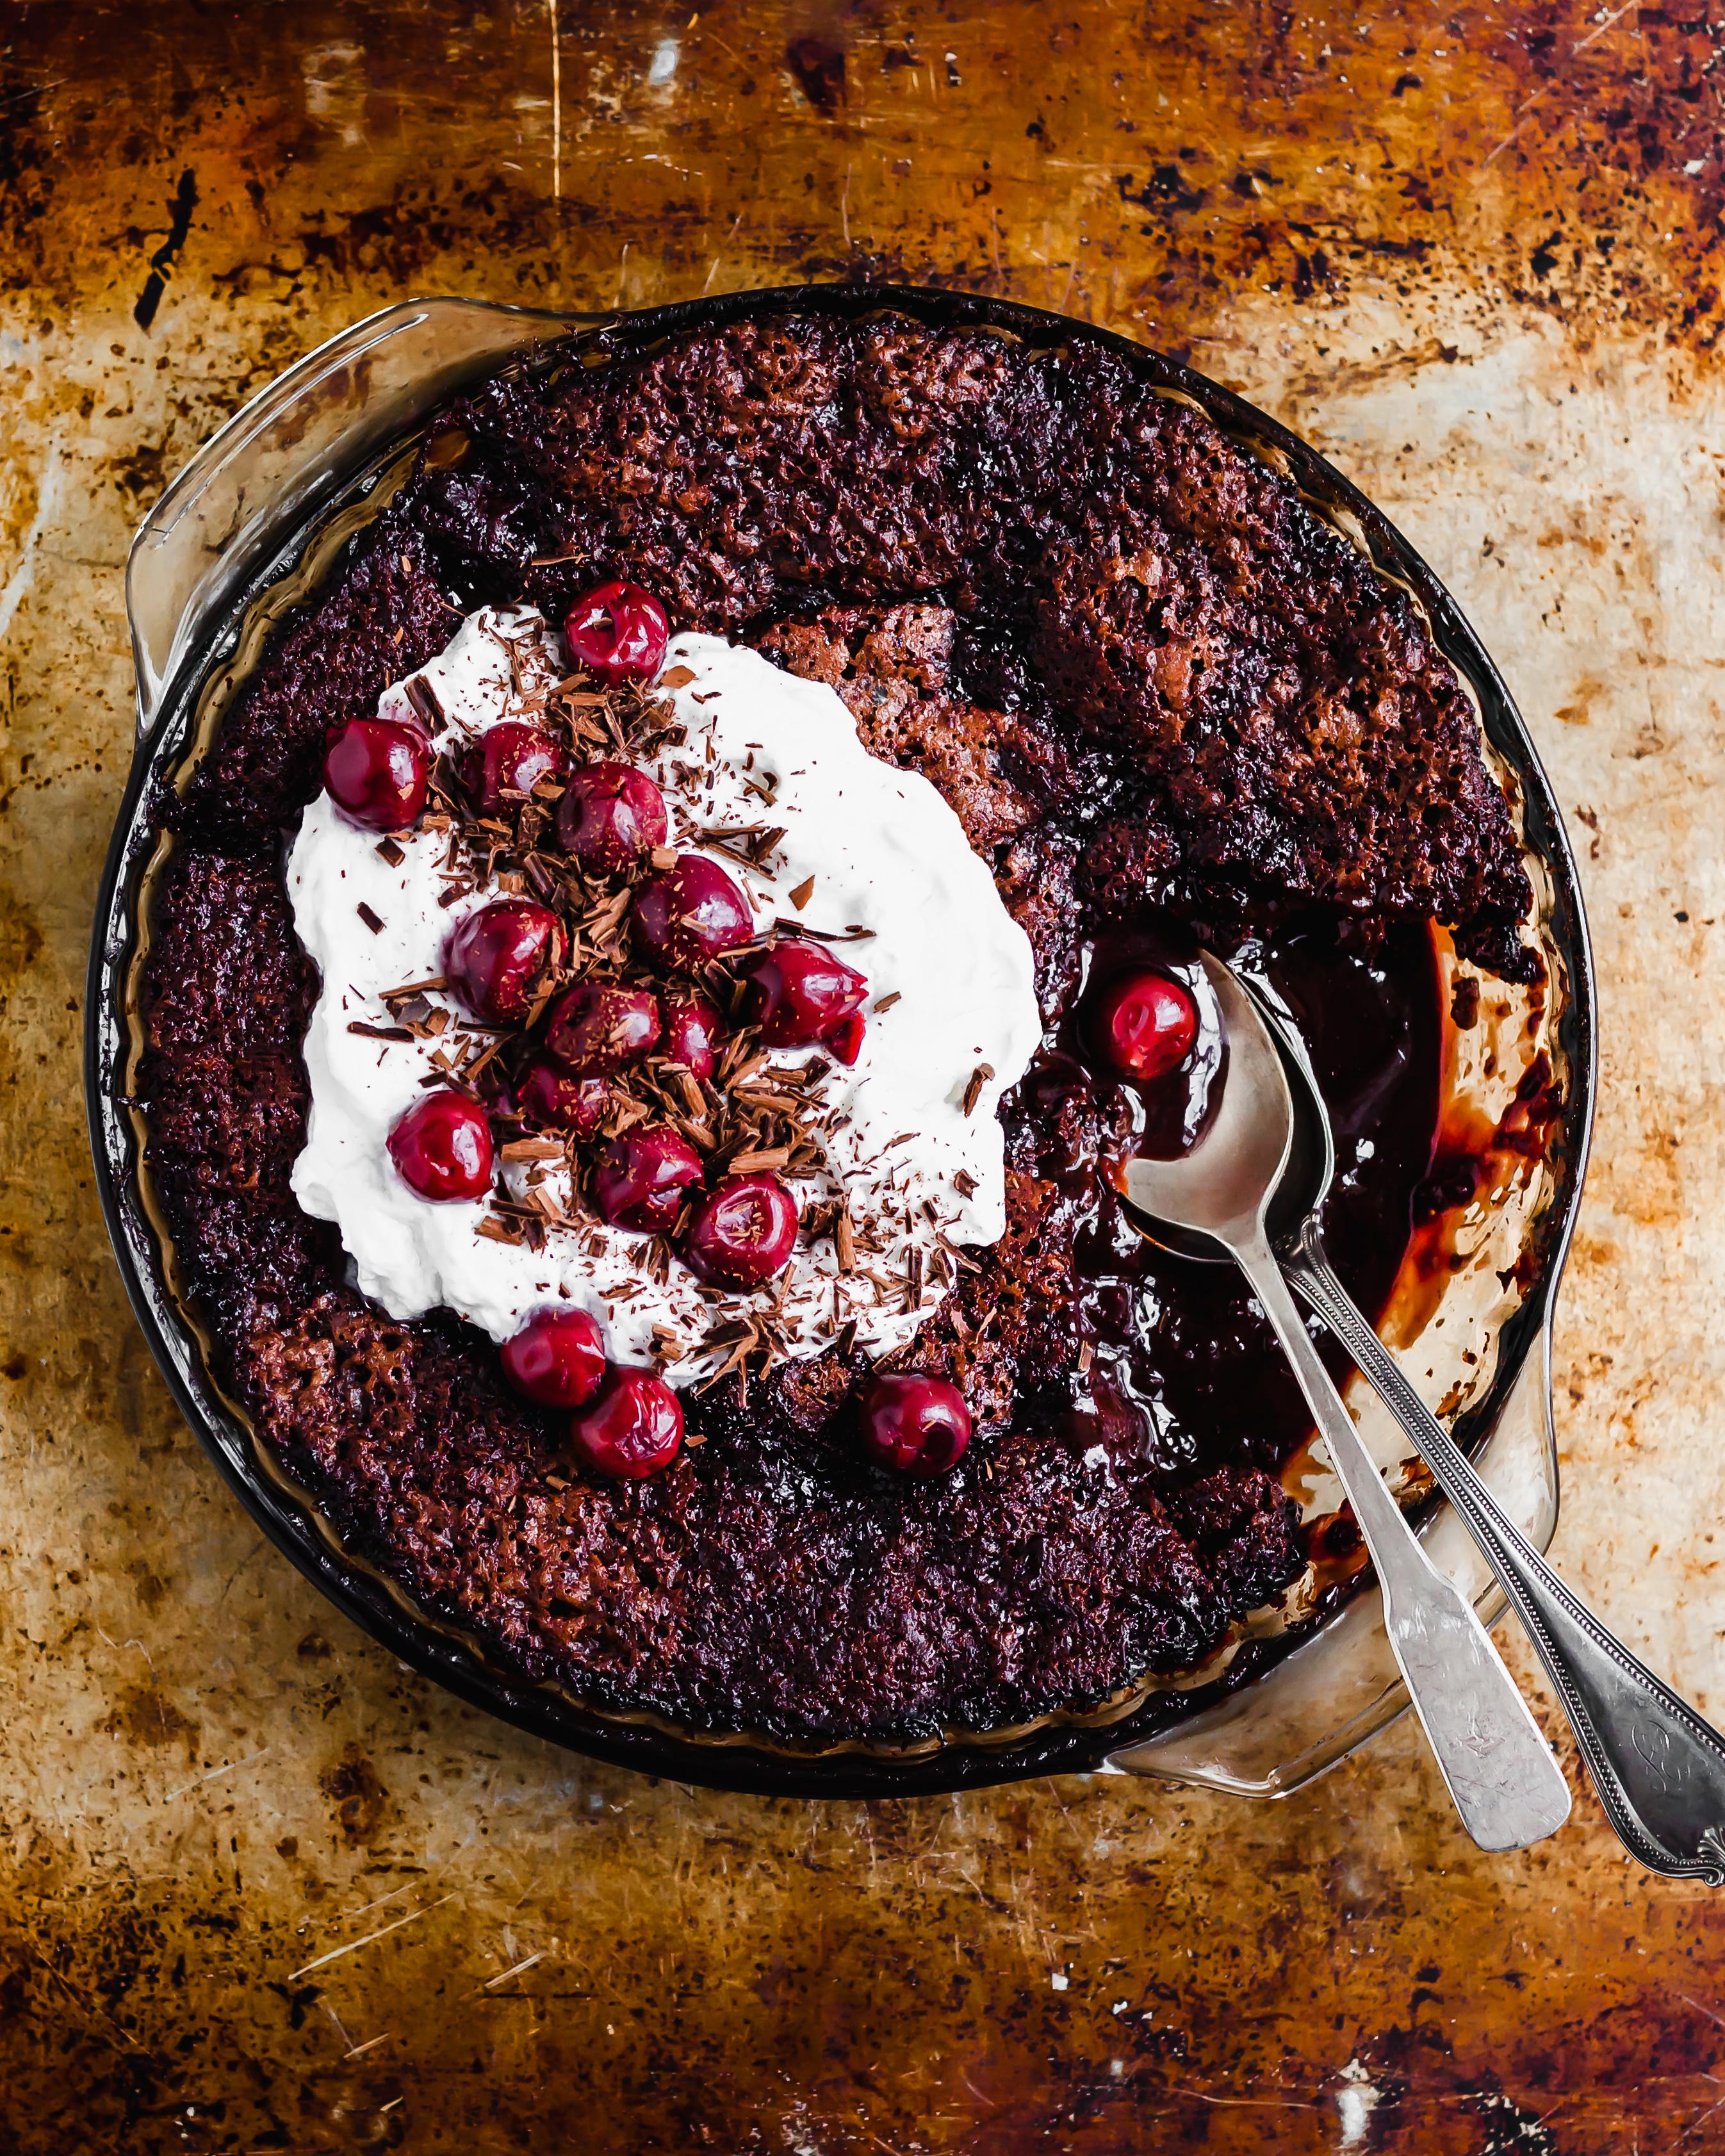 Saucy Cherry Chocolate Fudge Cake